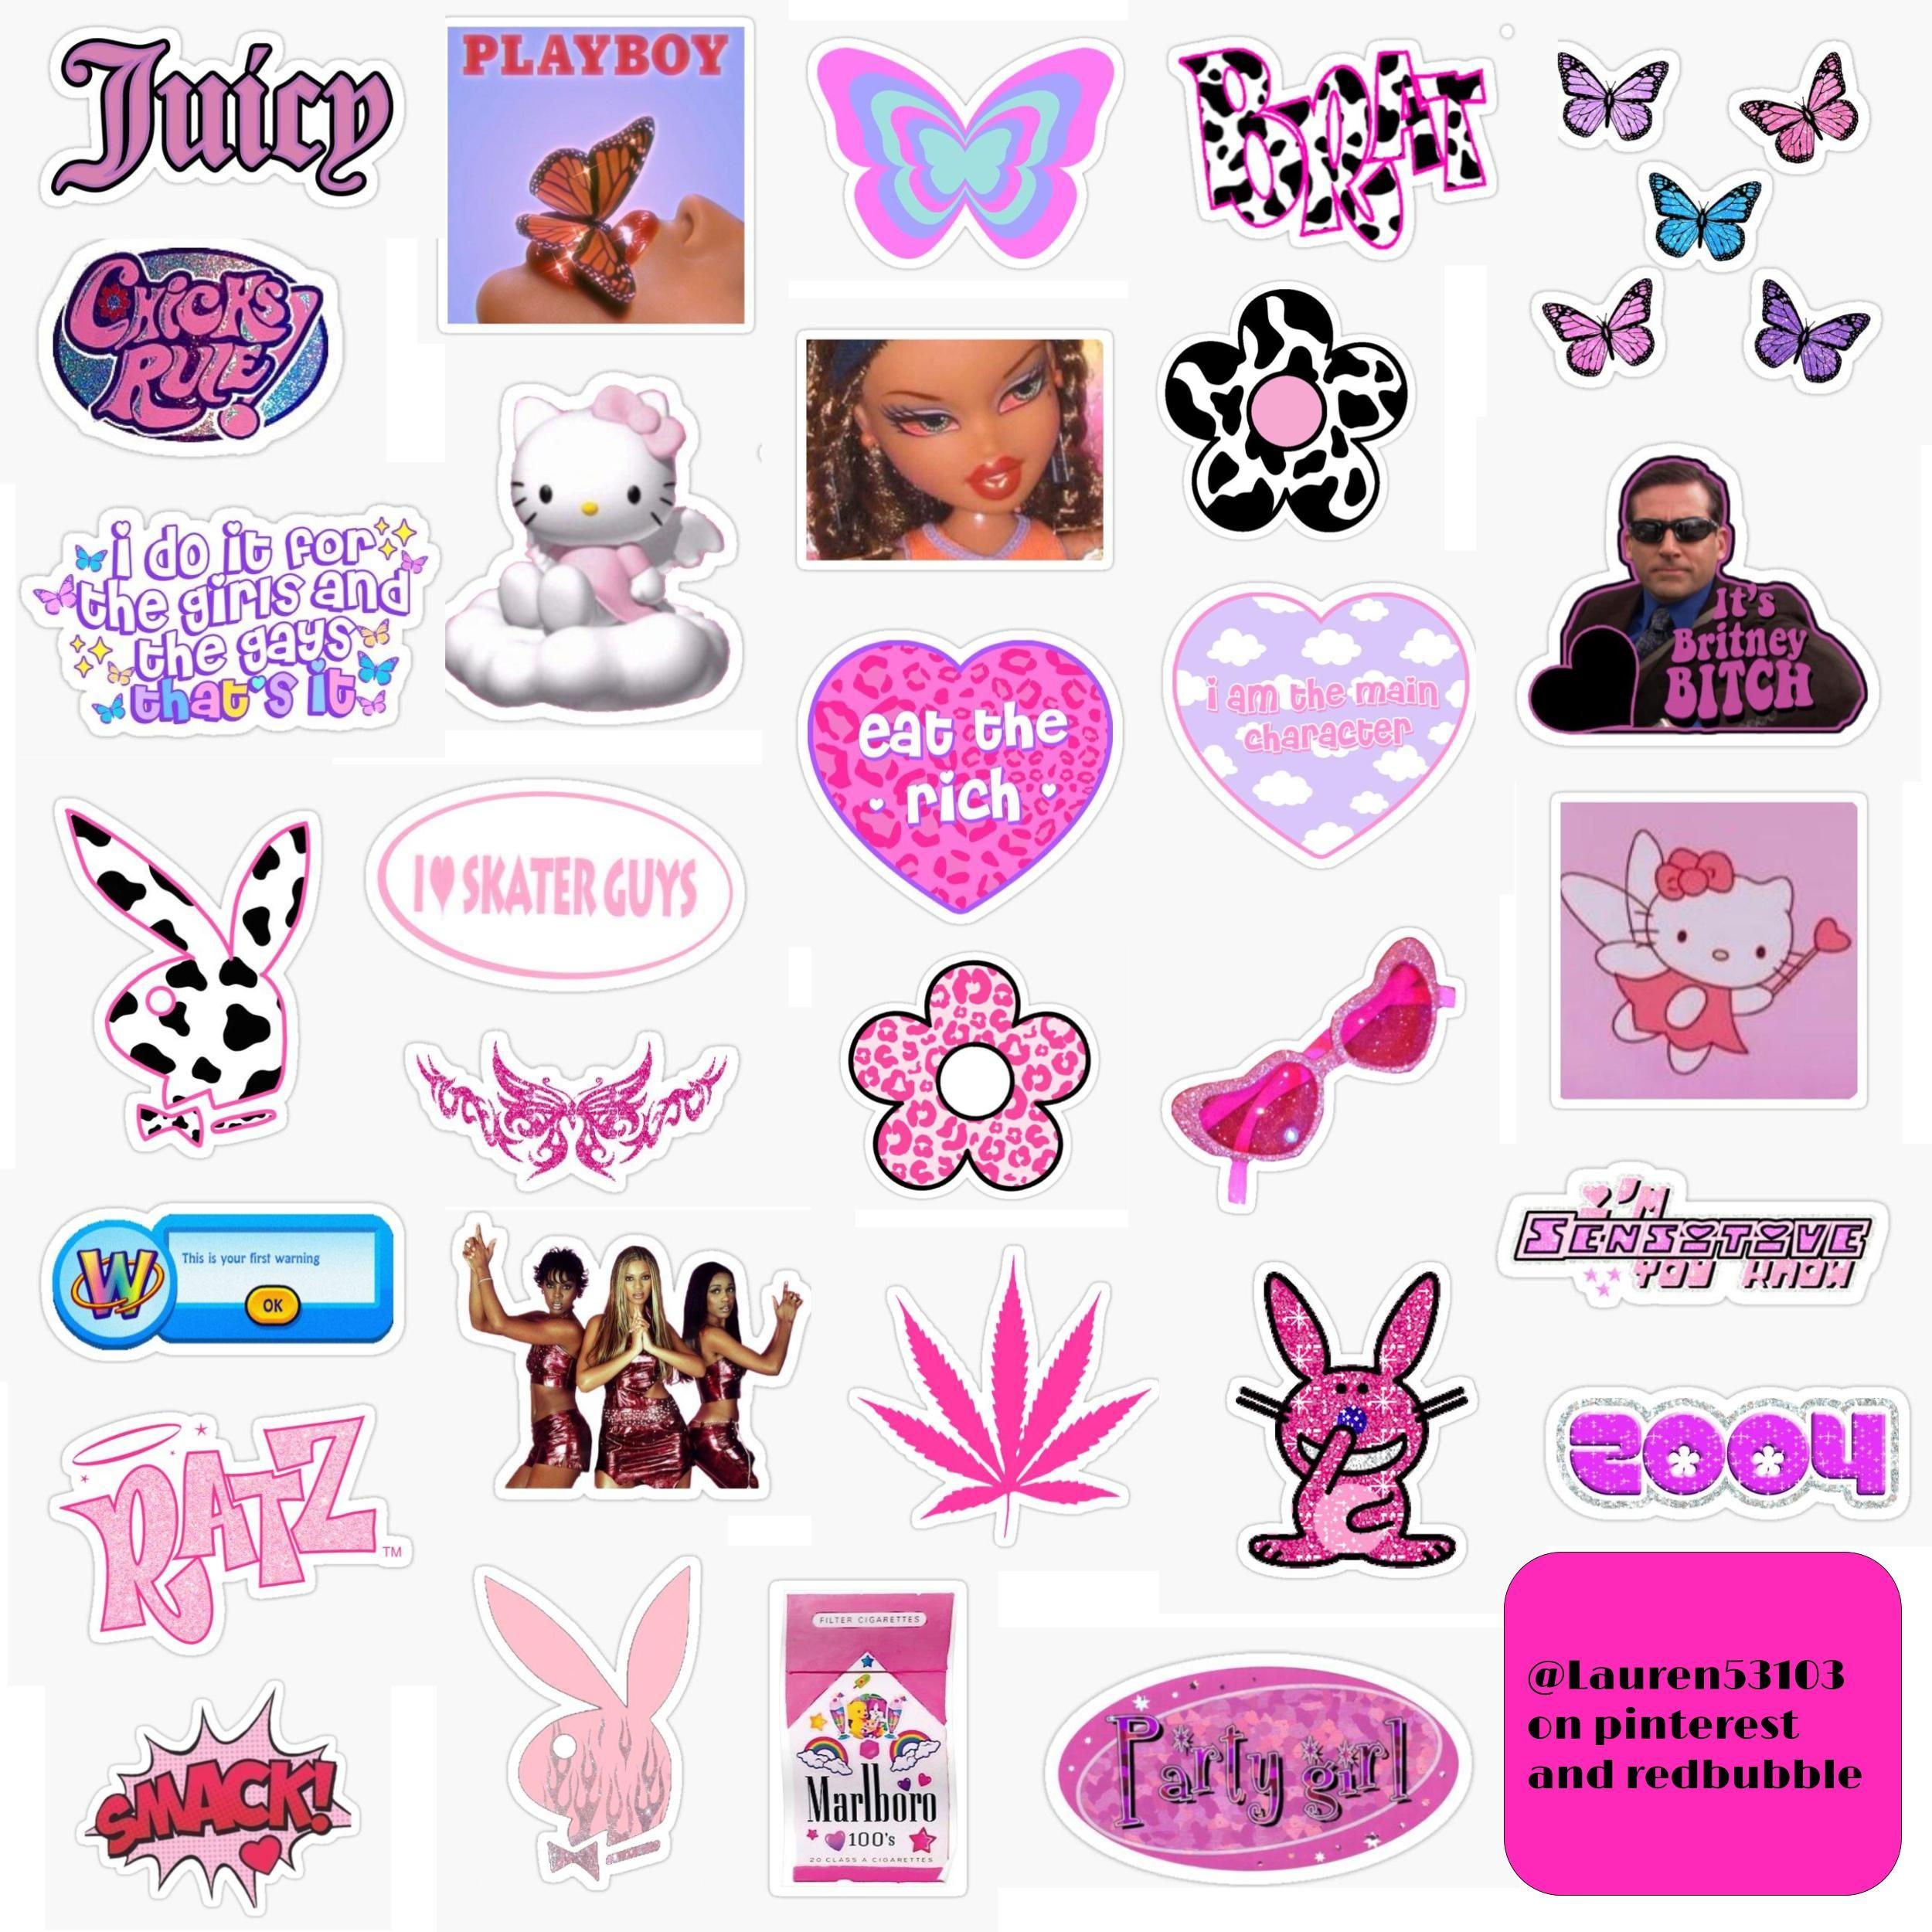 Y2k Sticker Pack 2 In 2020 Sticker Art Pop Stickers Print Stickers